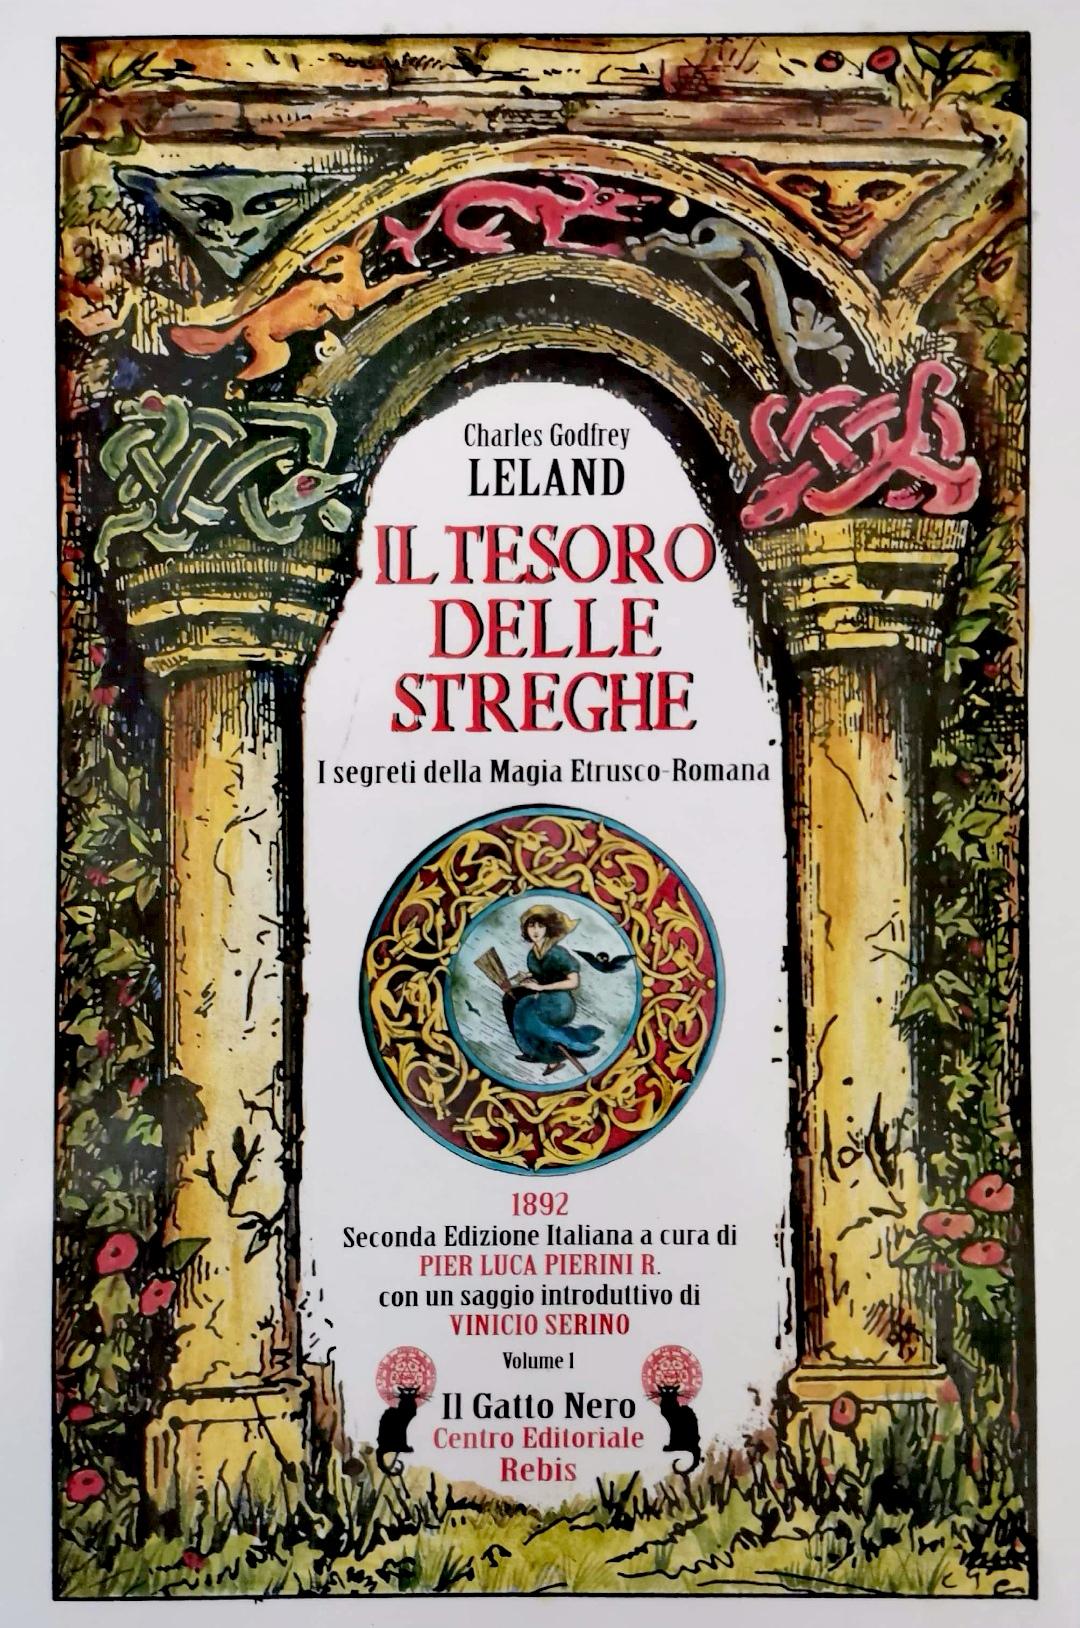 Il tesoro delle streghe. I segreti della magia etrusco-romana - Vol. 1